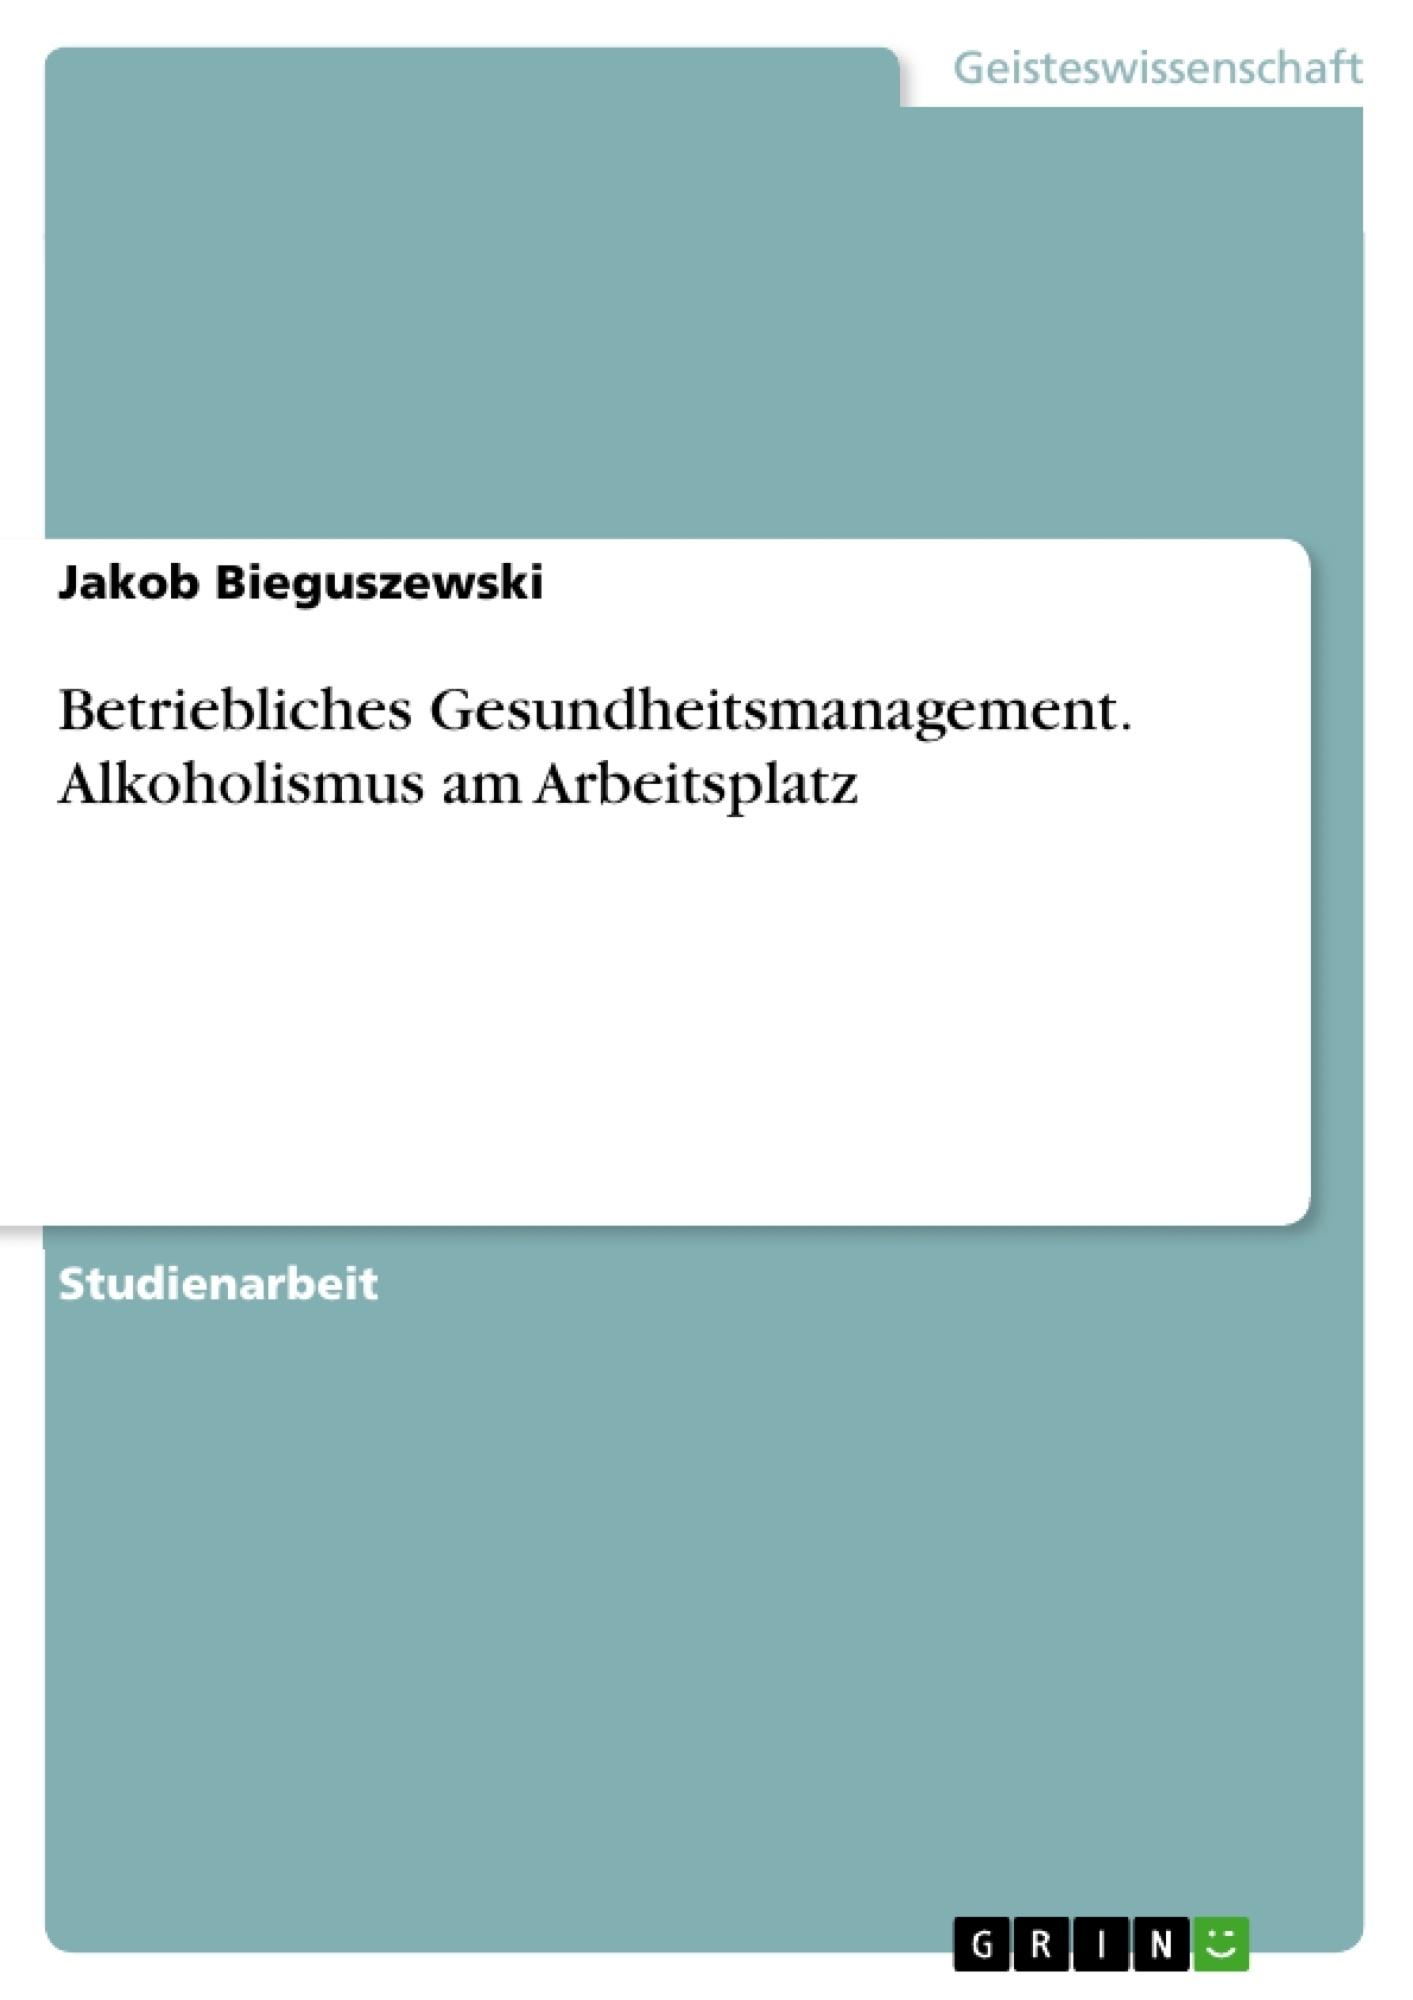 thesis betriebliches gesundheitsmanagement